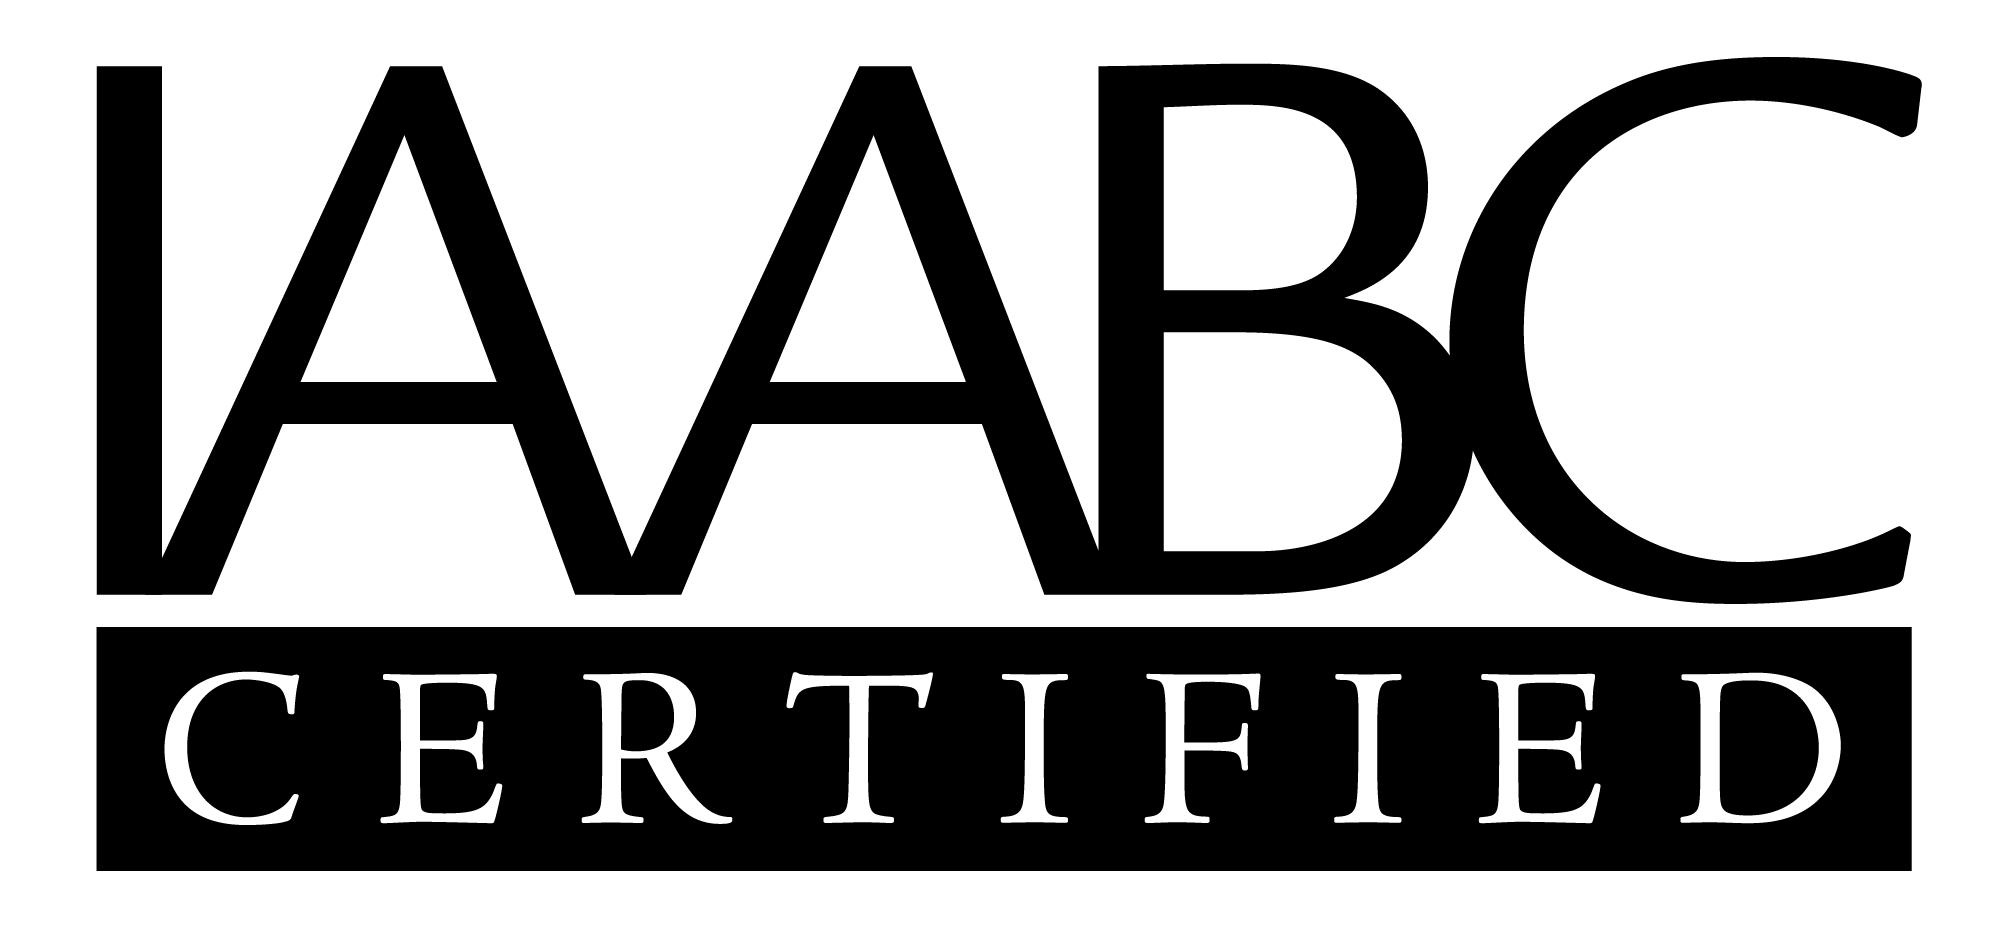 HAB-iaabc-certified-black.png